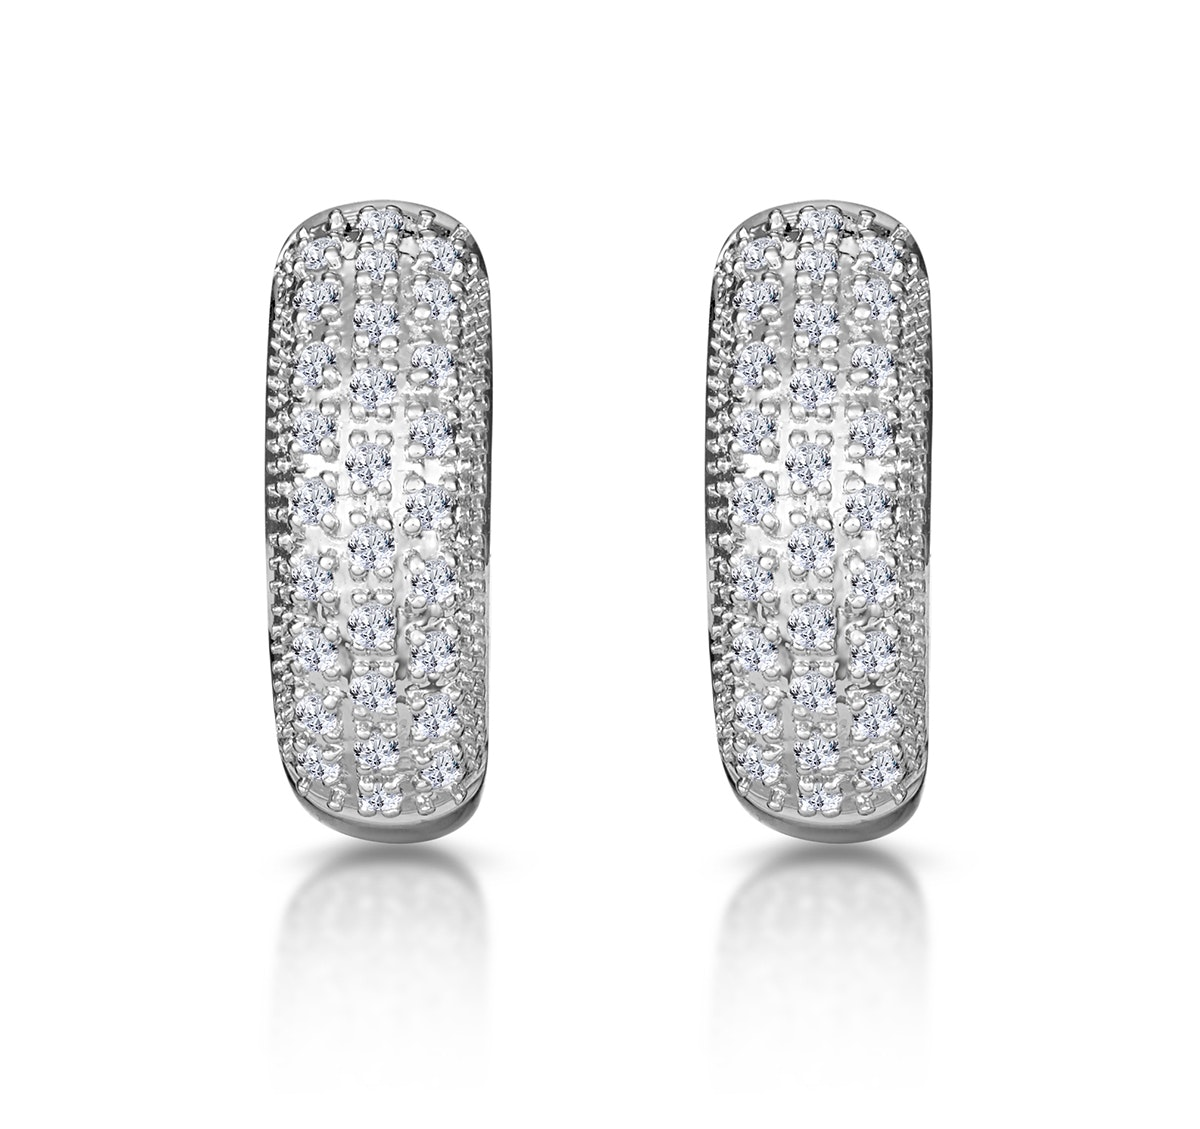 Huggy Earrings 0.33ct Diamond 9K White Gold